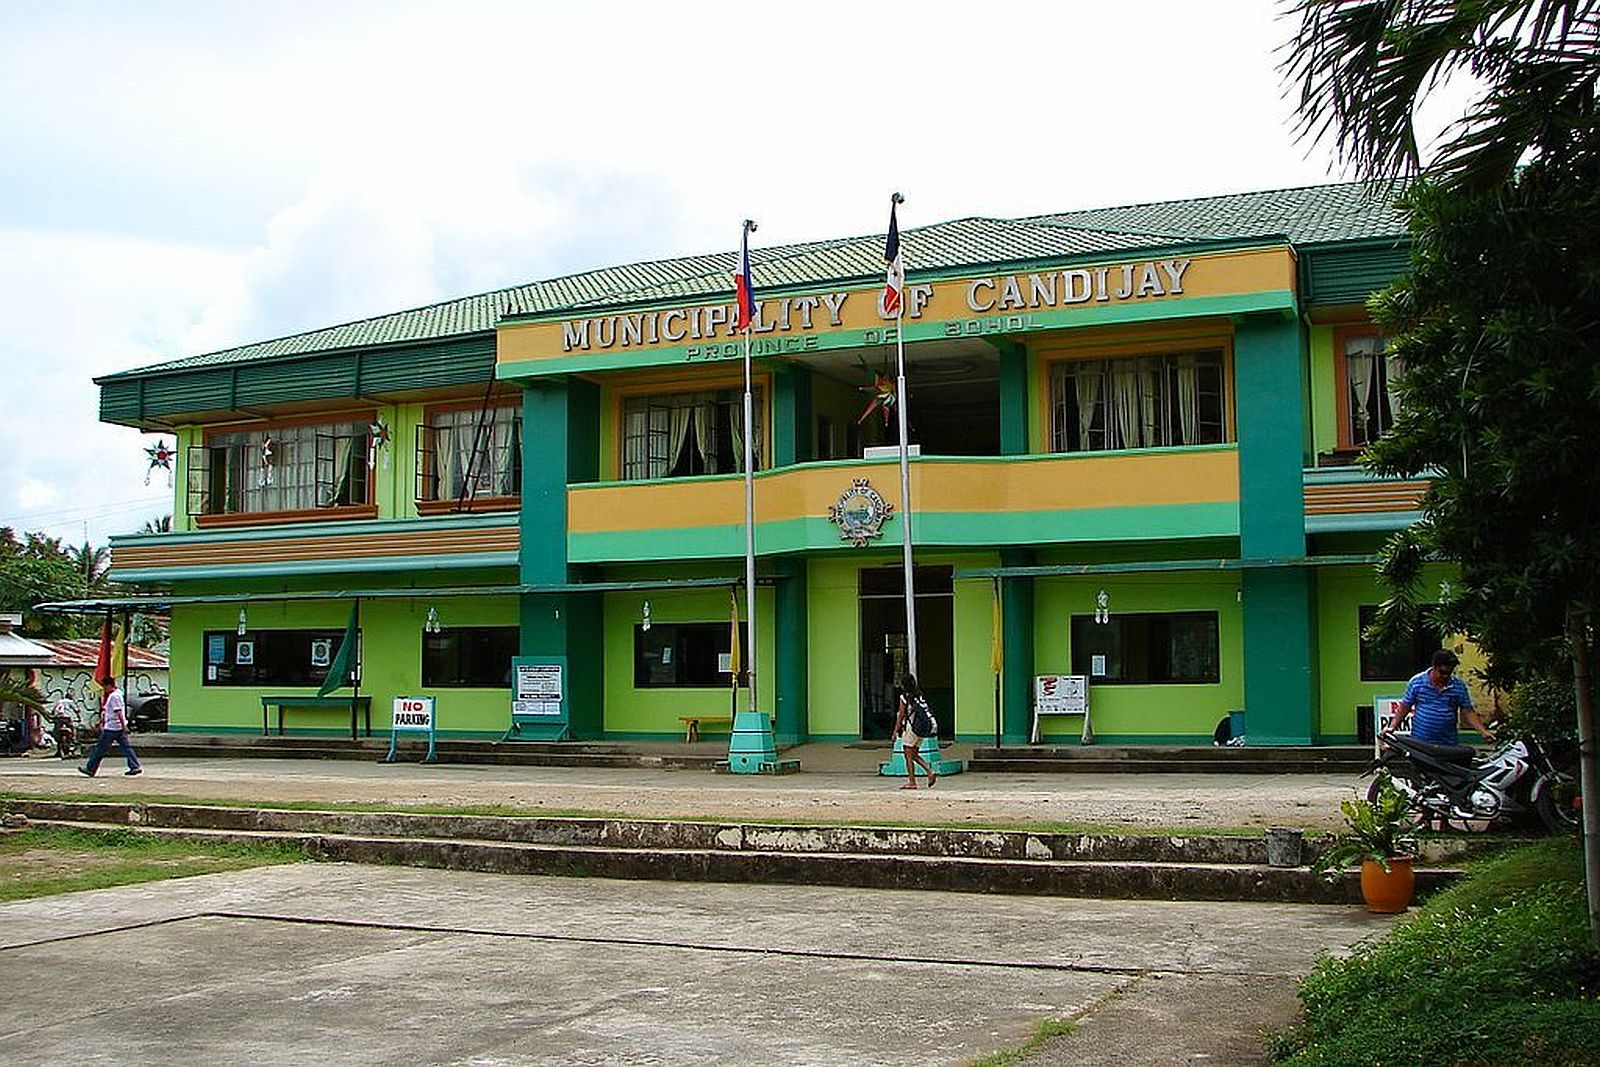 PHILIPPINEN REISEN - ORTE - BOHOL - Touristische Ortsbeschreibung für Candijay